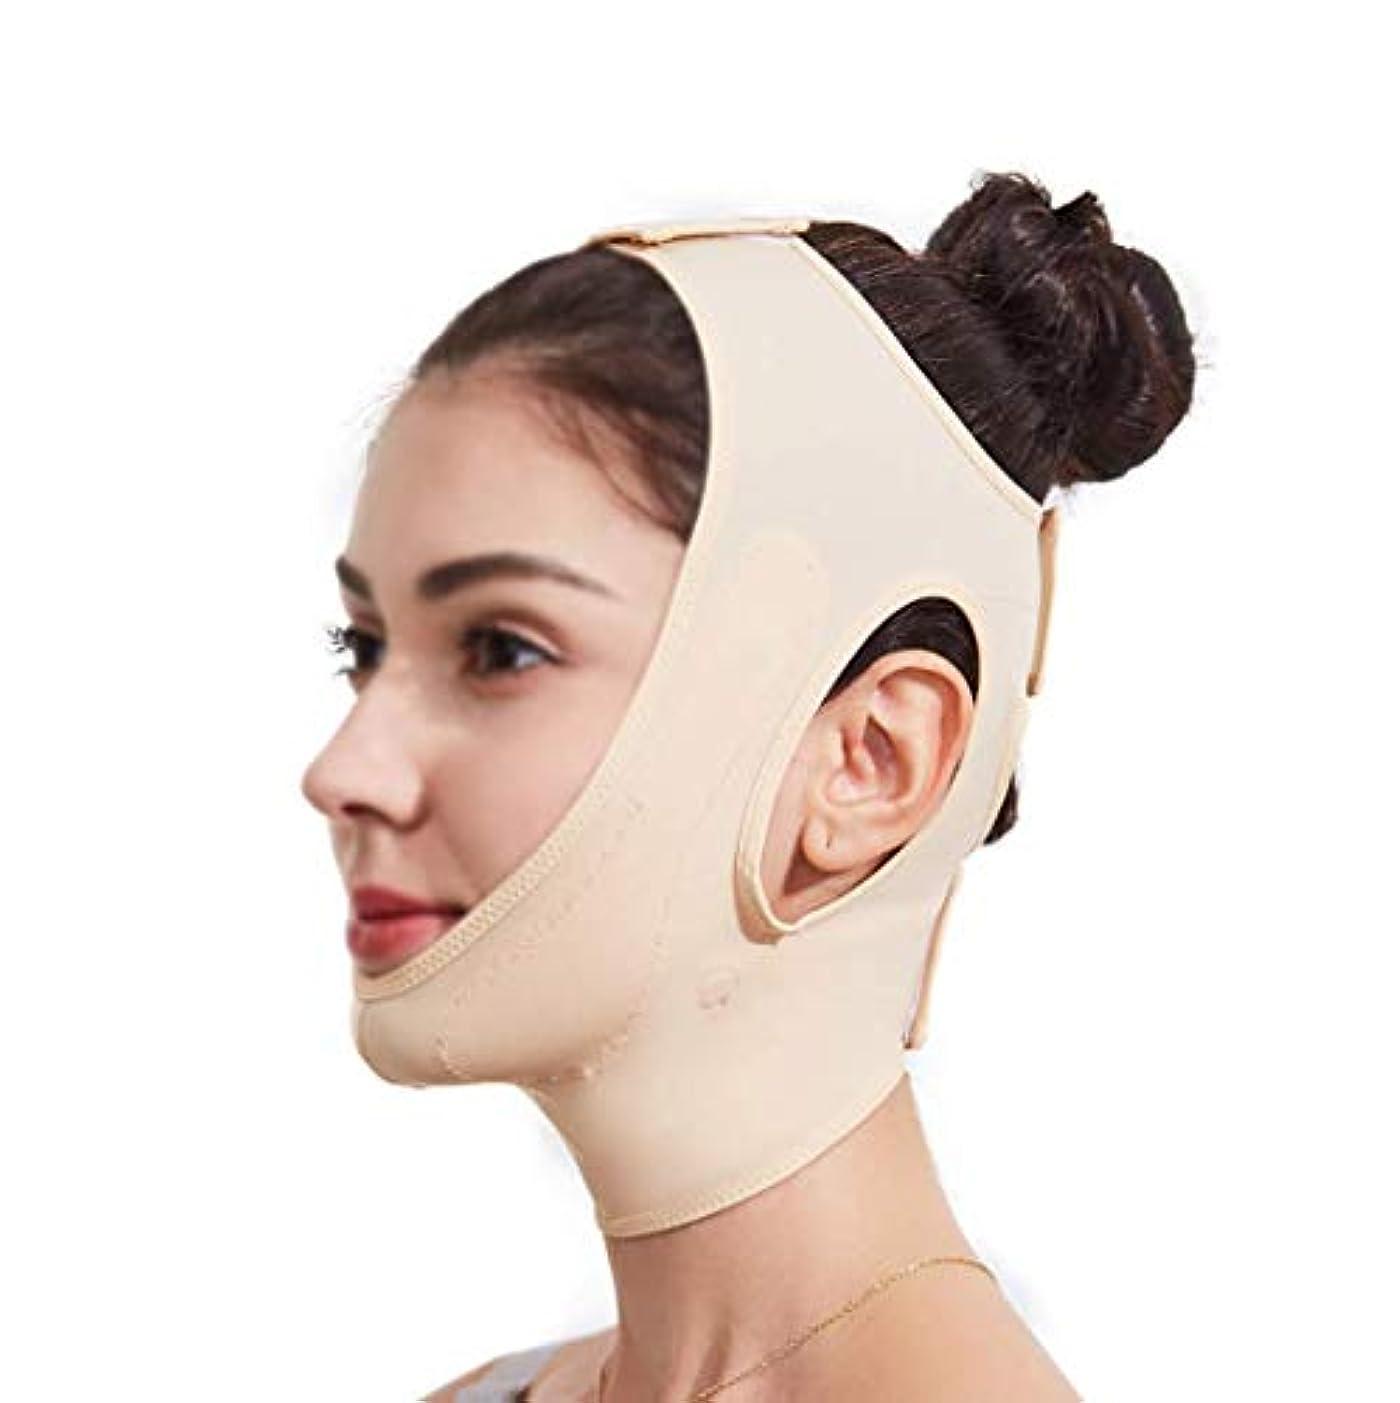 帝国主義膨らませるキリマンジャロフェイスリフティングマスク、360°オールラウンドリフティングフェイシャルコンター、あごを閉じて肌を引き締め、快適でフェイスライトをサポートし、通気性を保ちます(サイズ:ブラック),肌の色